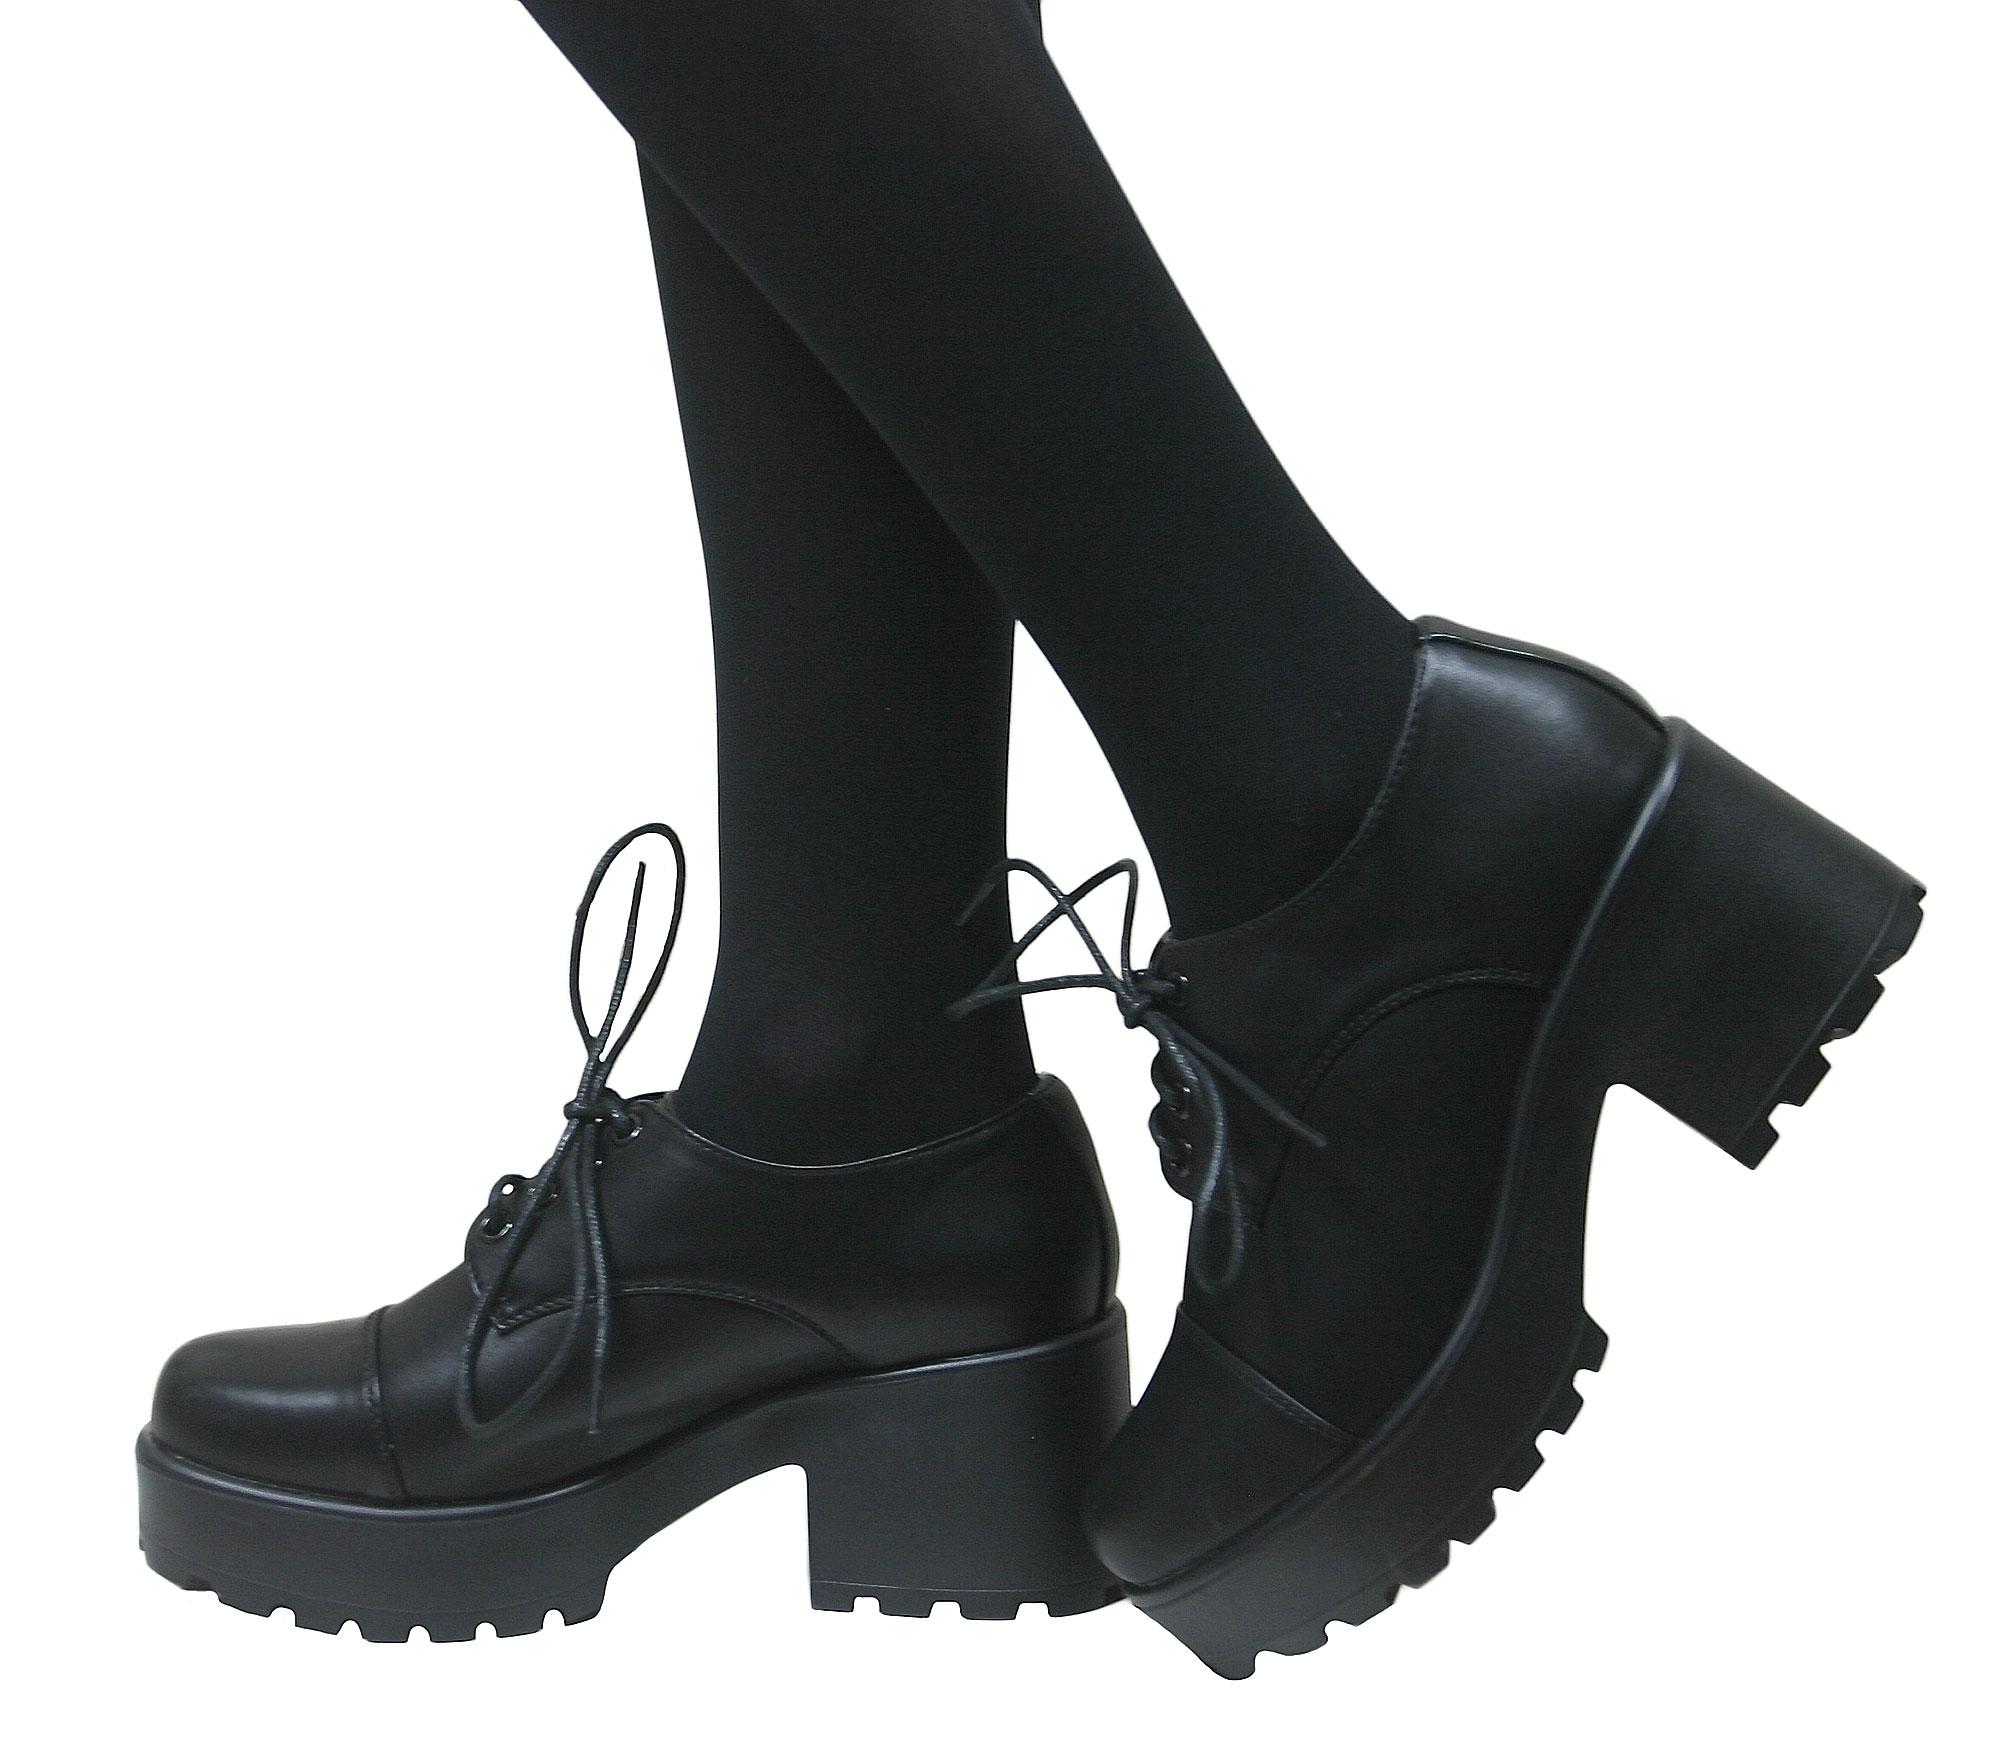 Zapatos negros formales Industrial punk para mujer Comprar barato Manchester Gran sorpresa mDBoh7ezZD